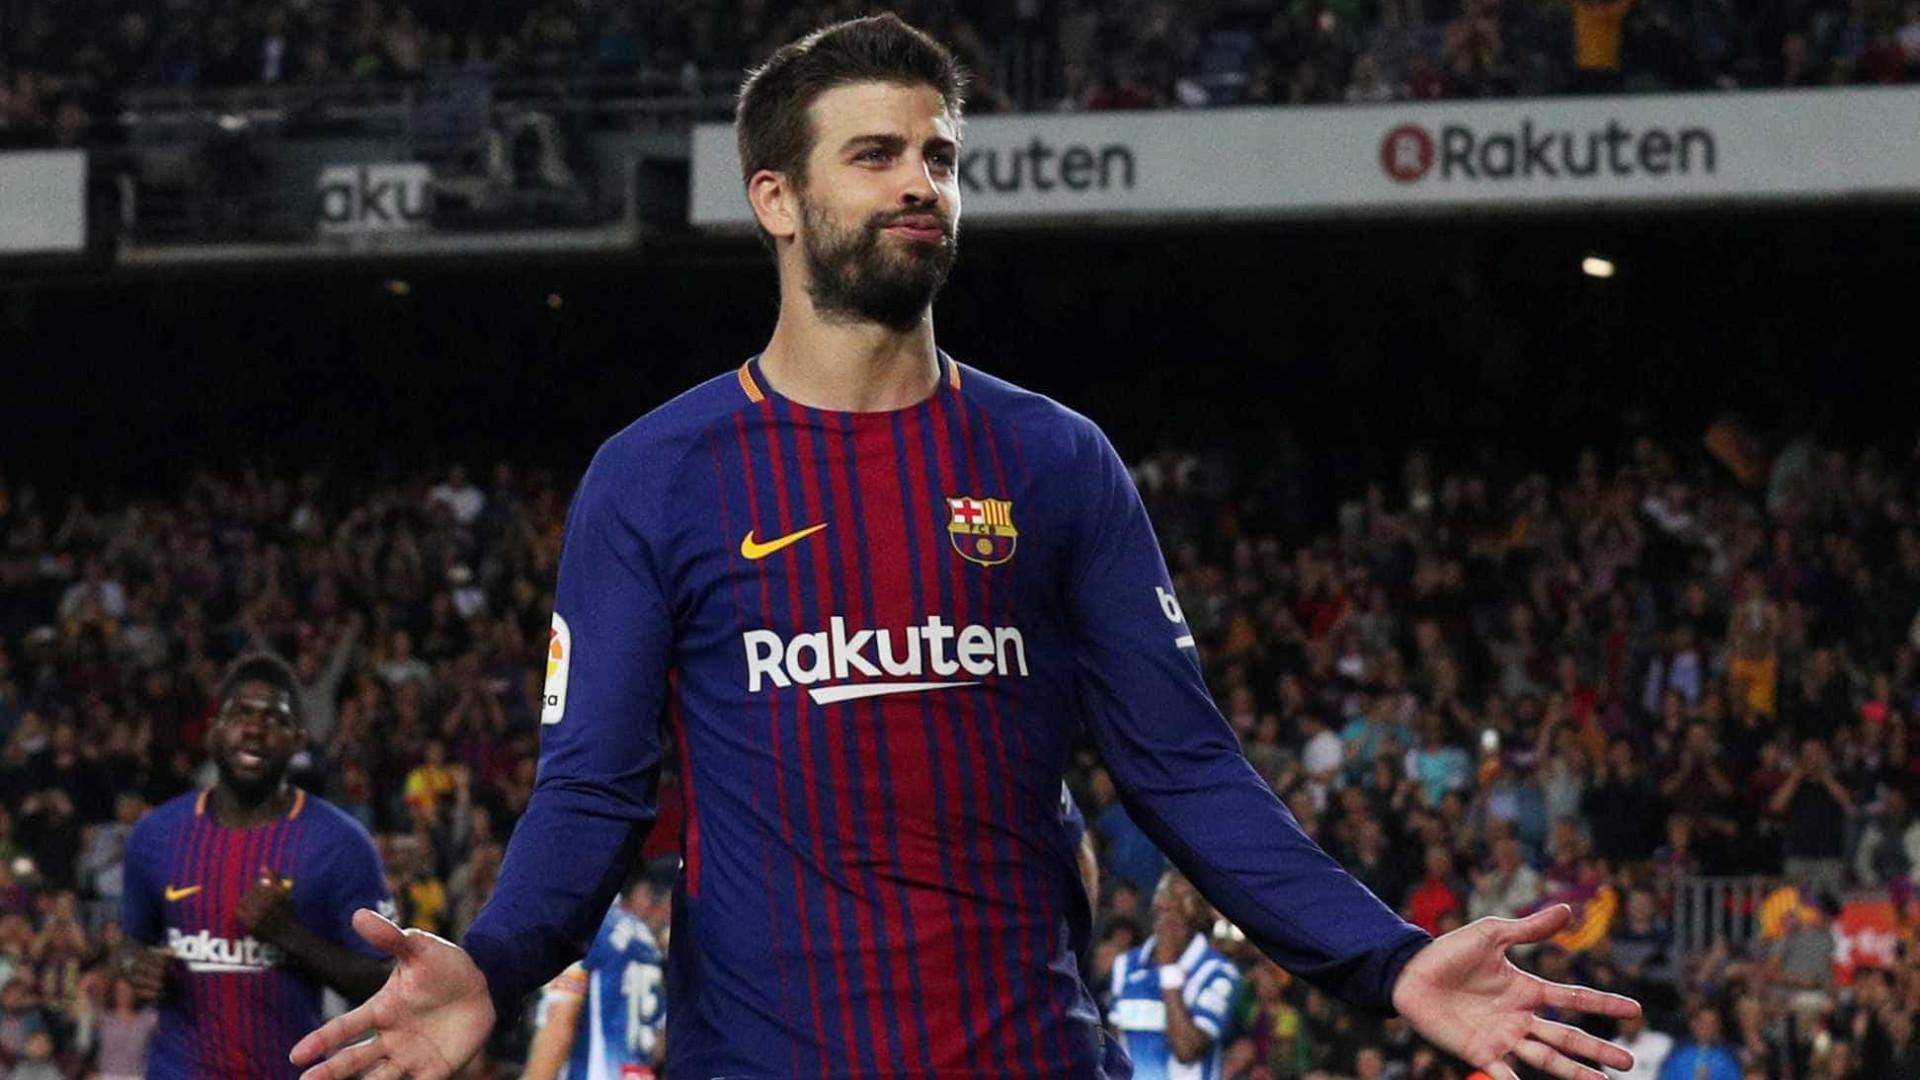 Barcelona confirma lesão grave no ligamento do joelho direito de Gerard Piqué